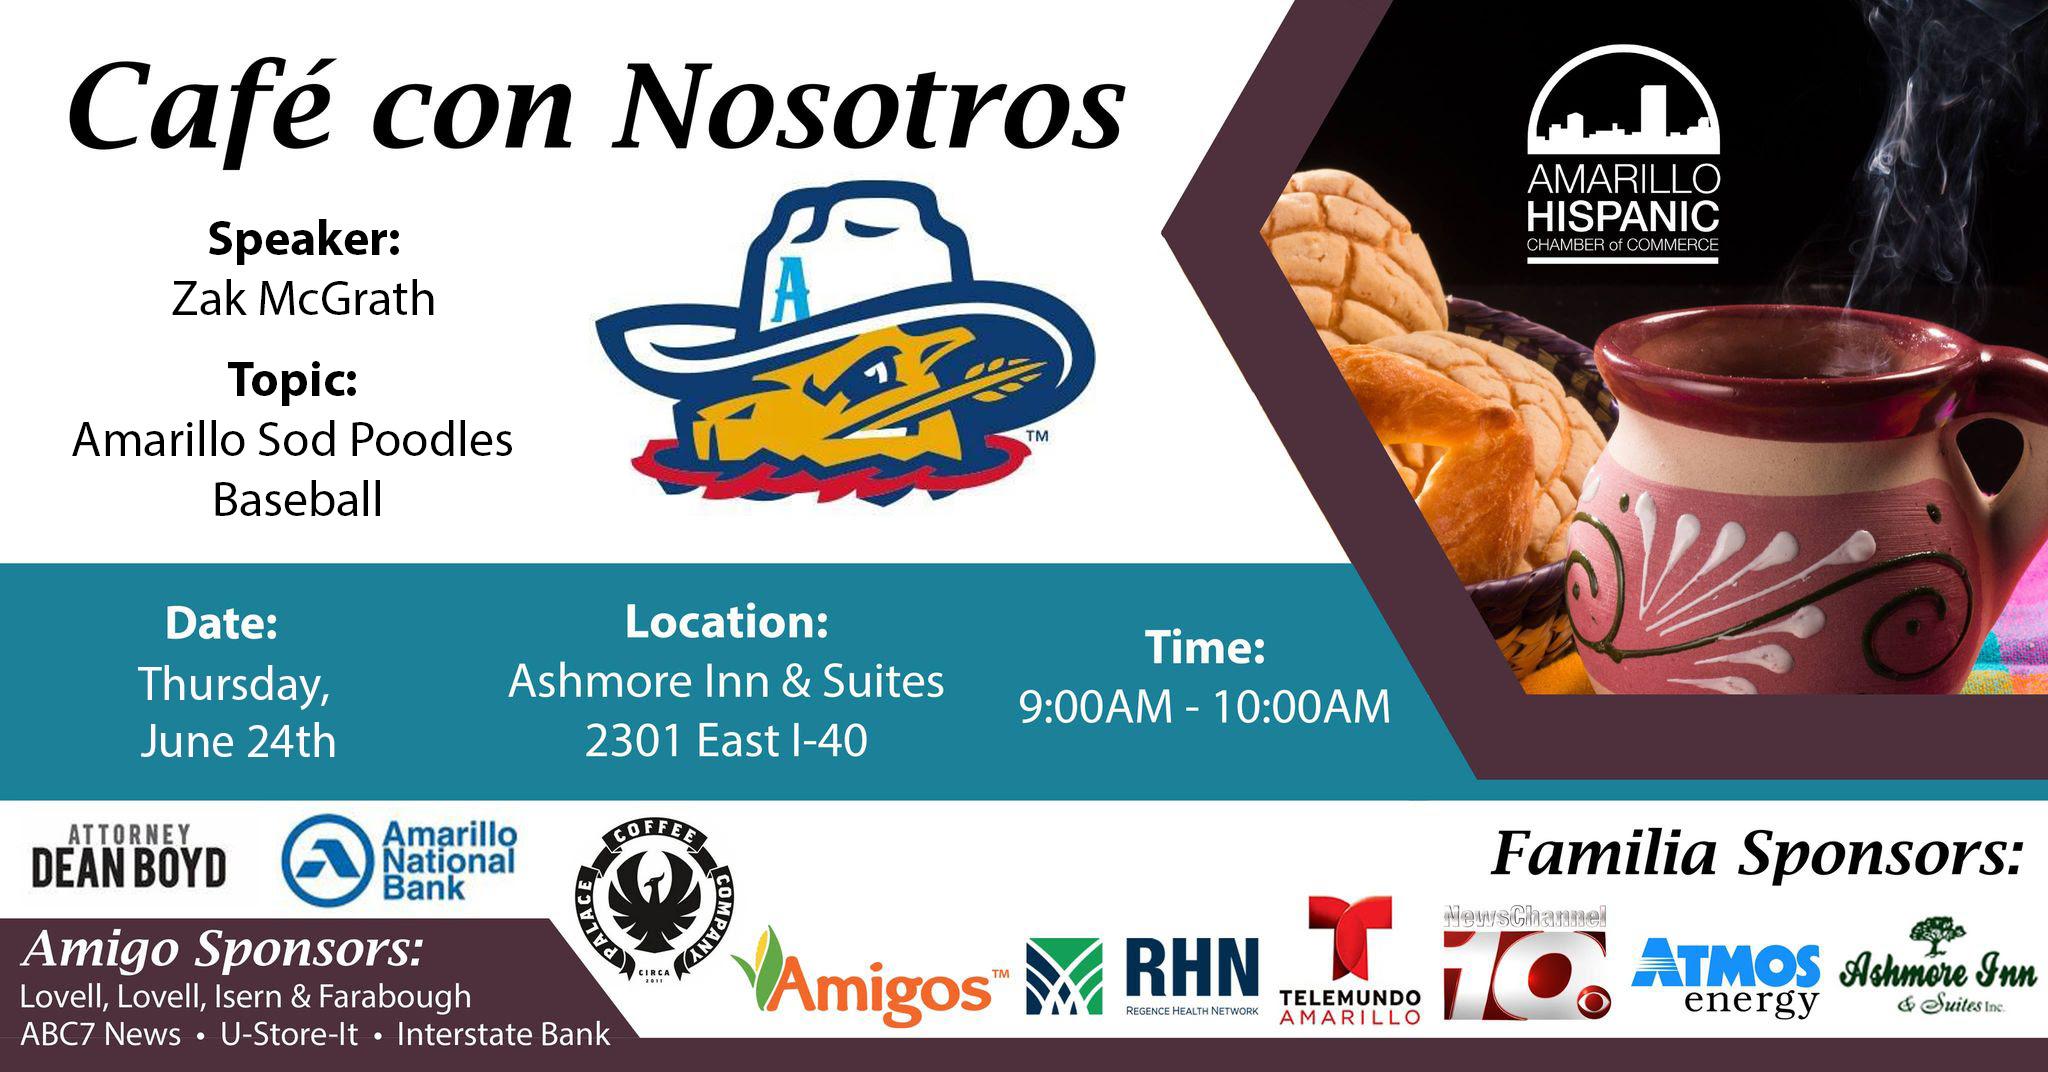 Café Con Nosotros @ Ashmore Inn & Suites